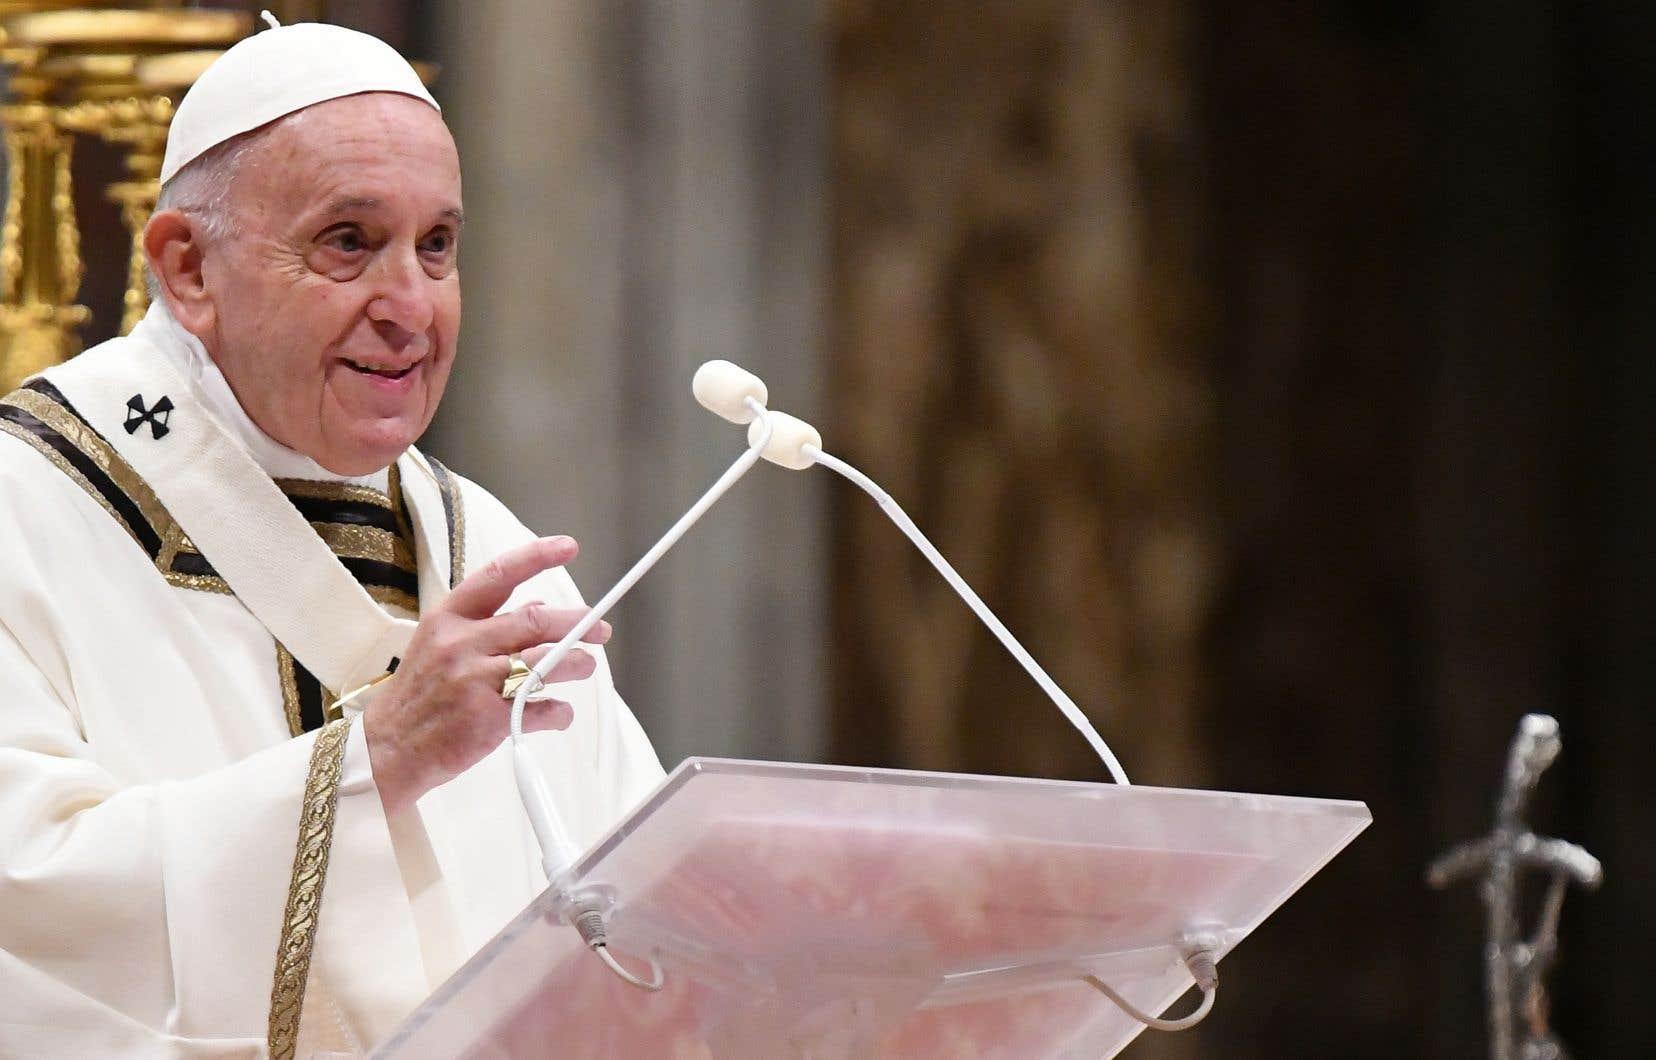 Le pape François a demandé mardi soir aux fidèles de ne pas oublier de «dire merci», notant que «c'est le meilleur moyen pour changer le monde».